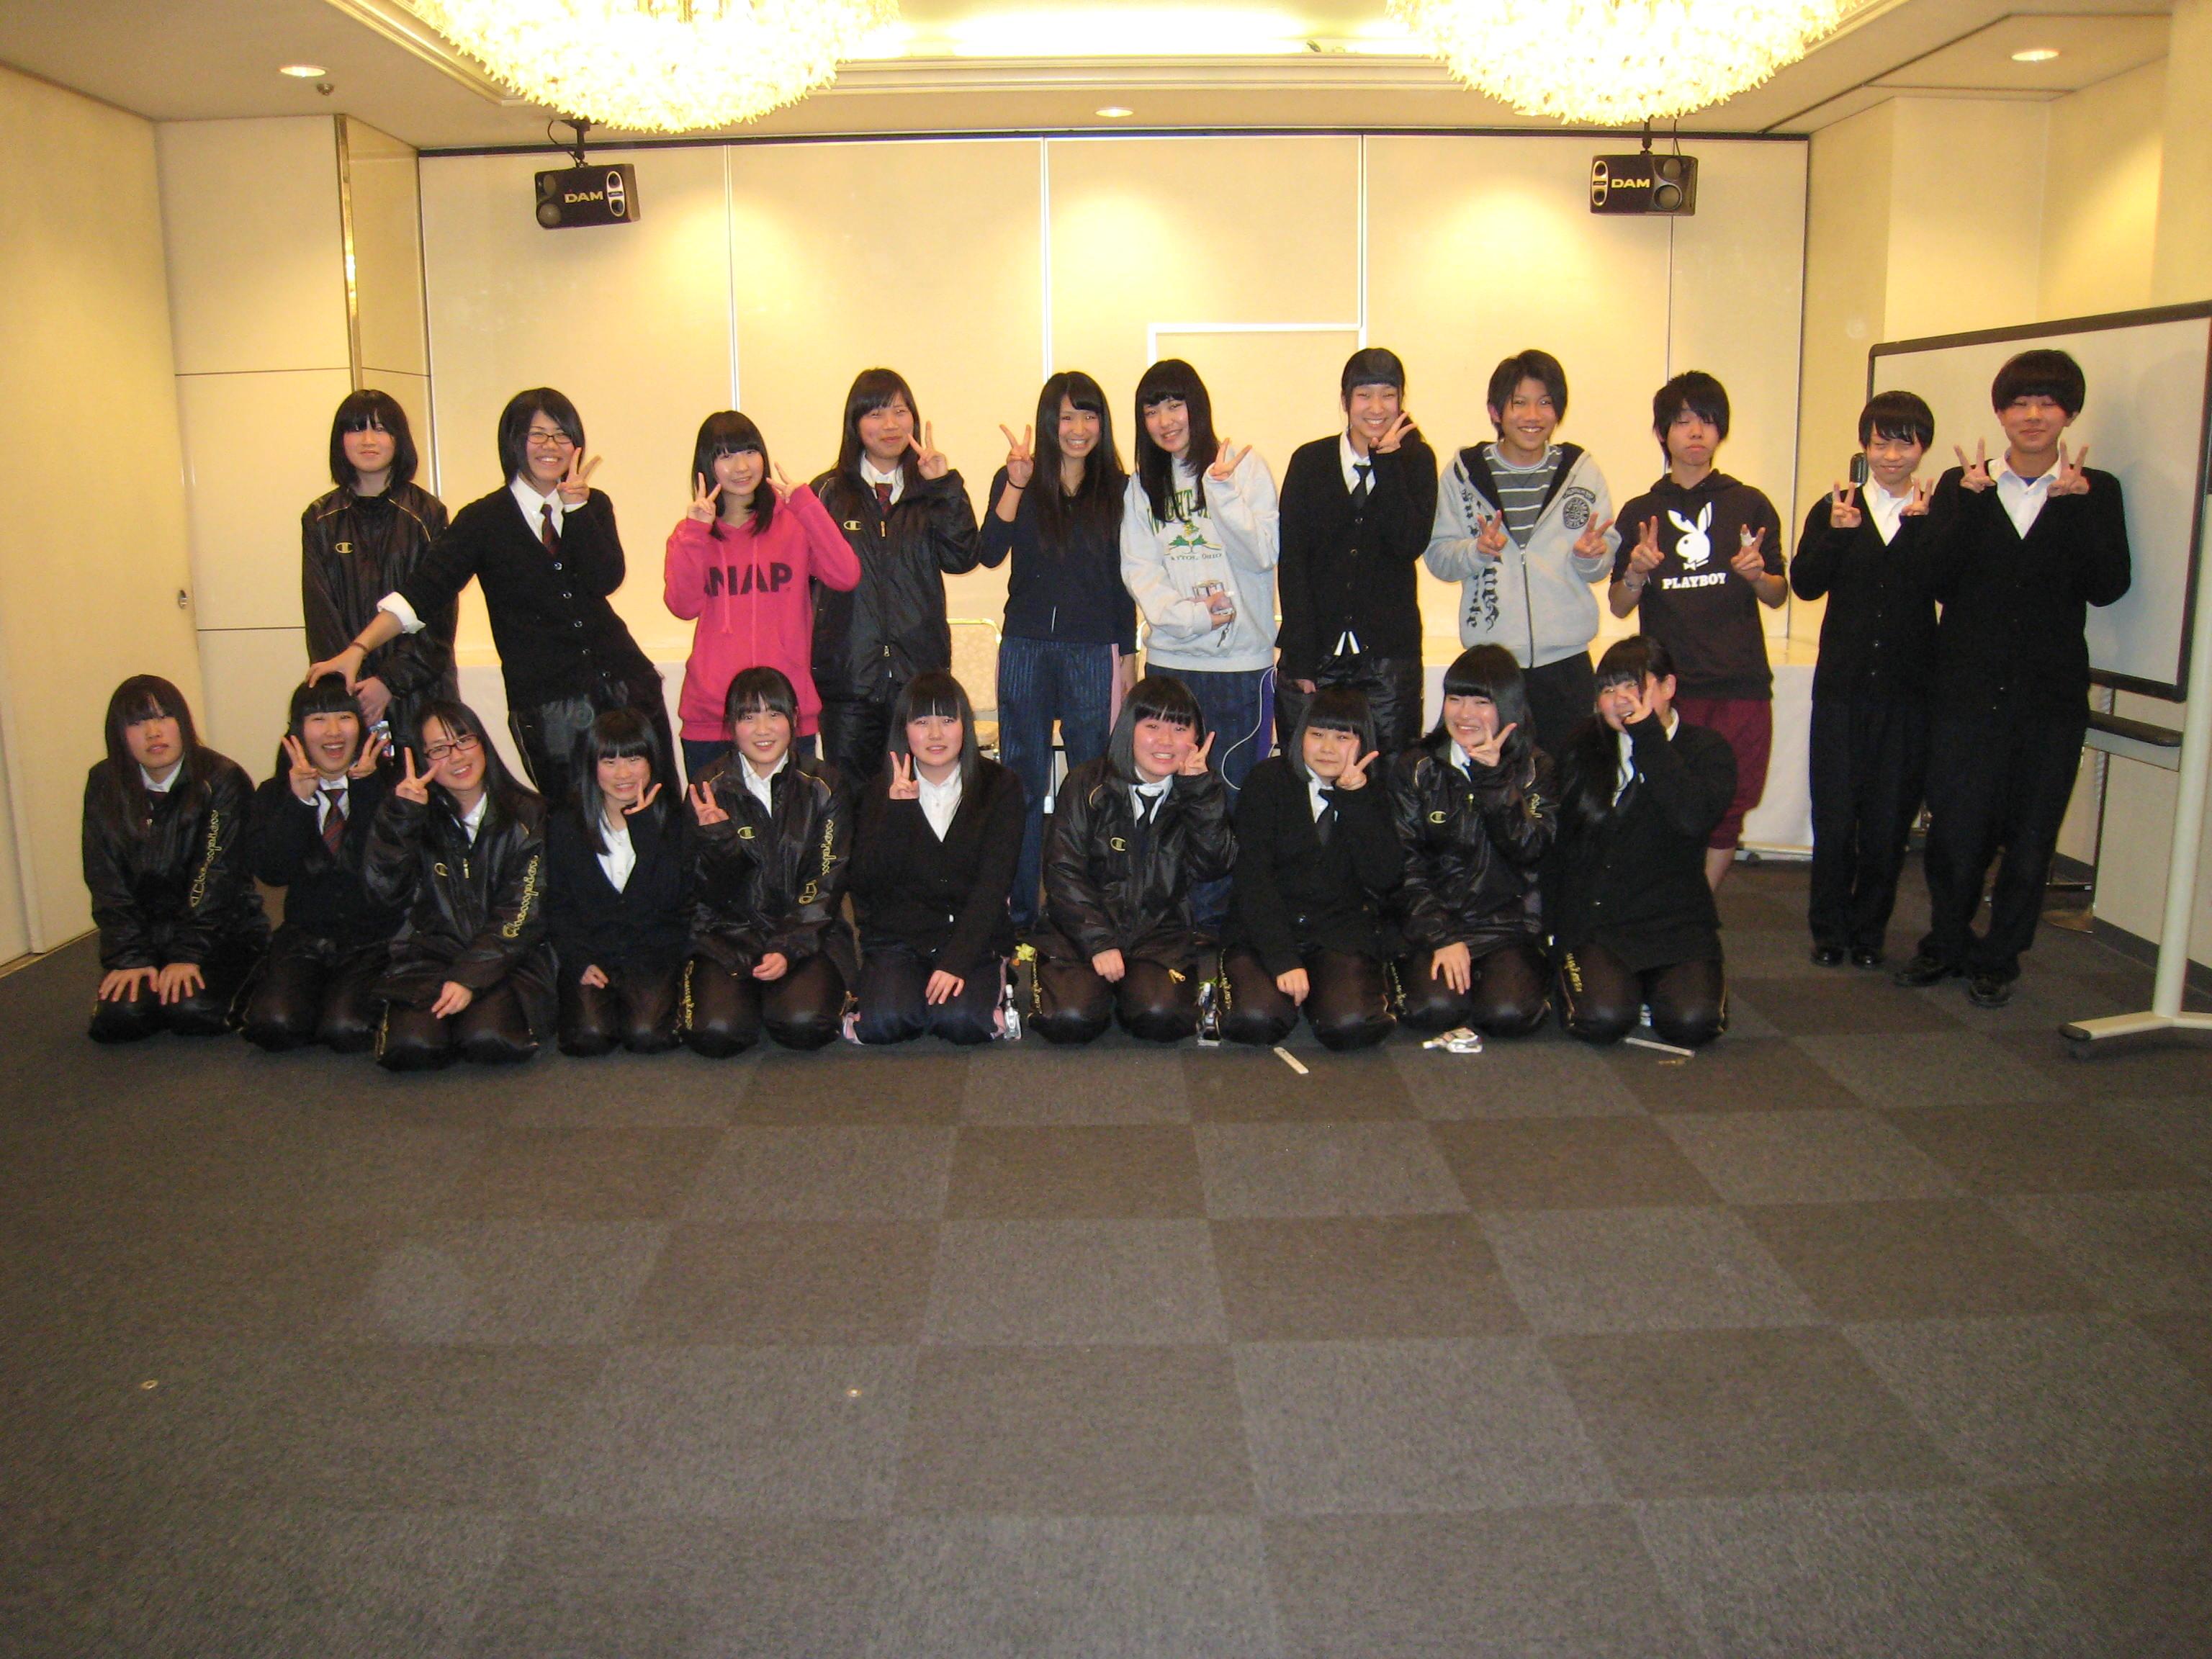 相馬東高等学校